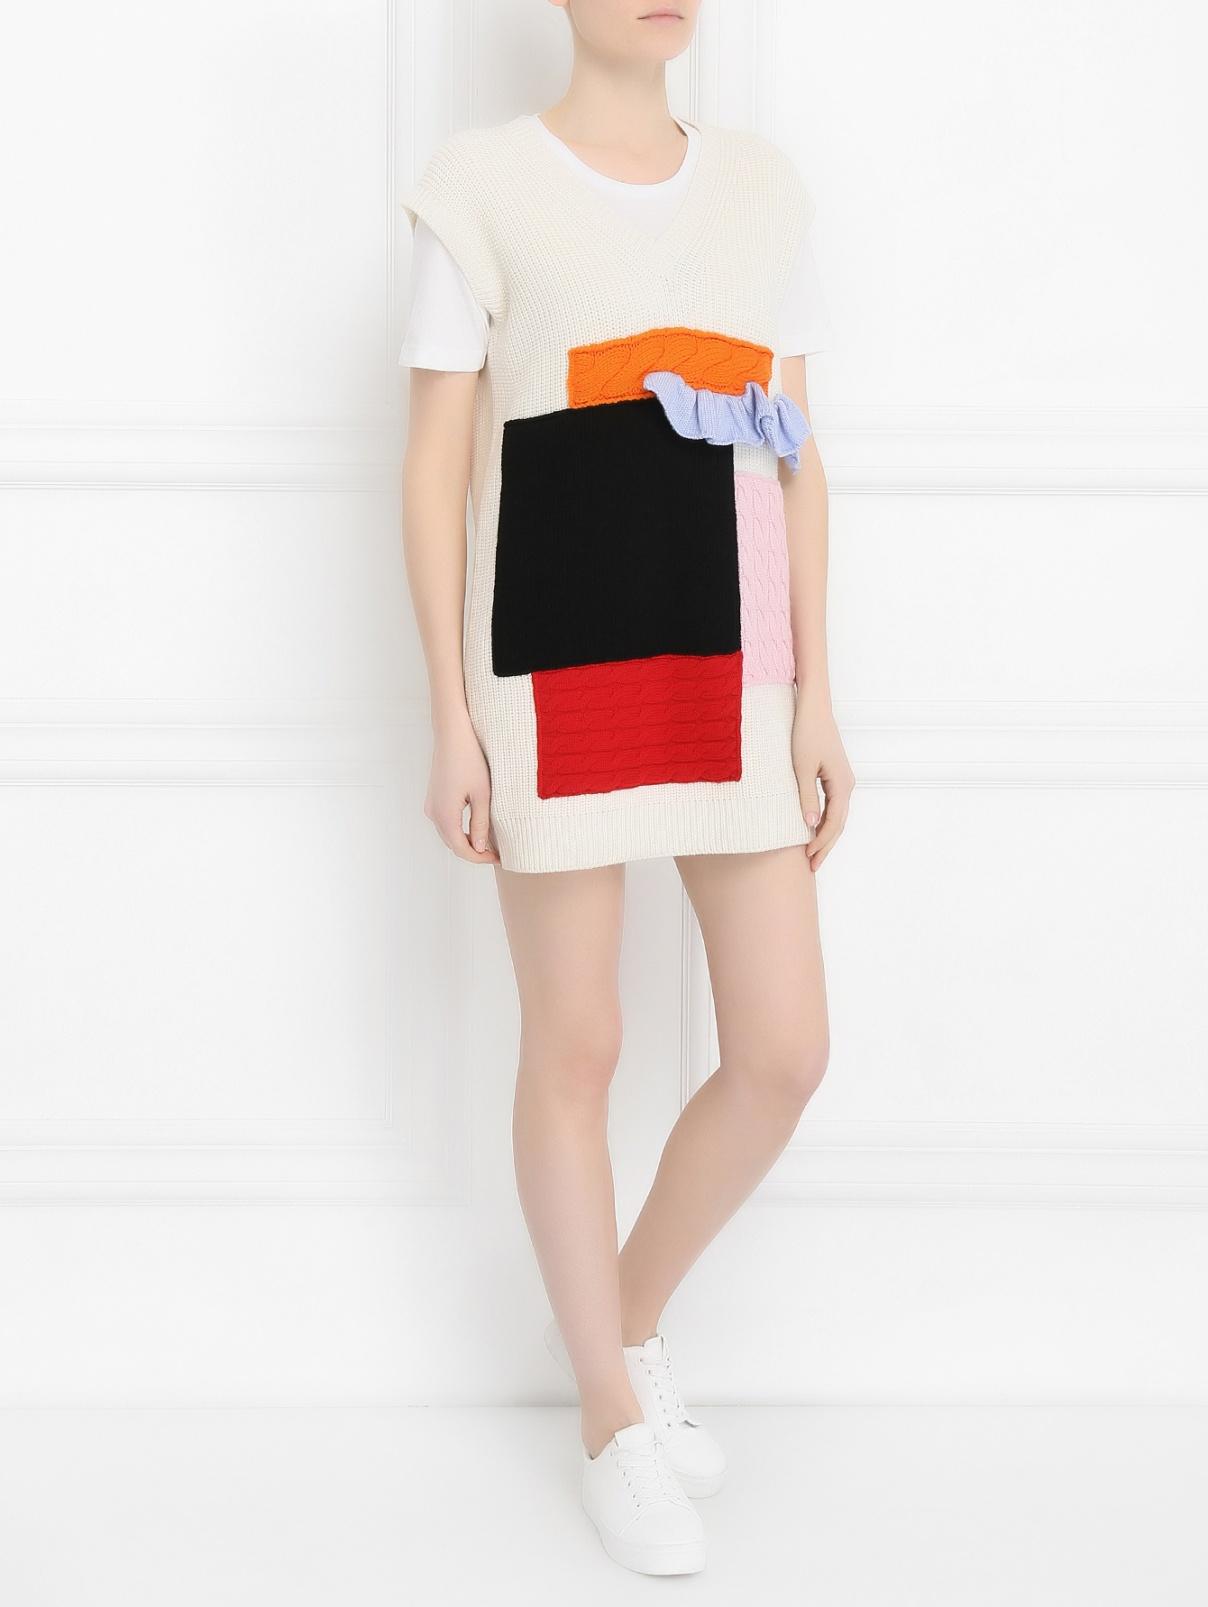 Платье из шерсти крупной вязки с аппликацией MSGM  –  Модель Общий вид  – Цвет:  Белый